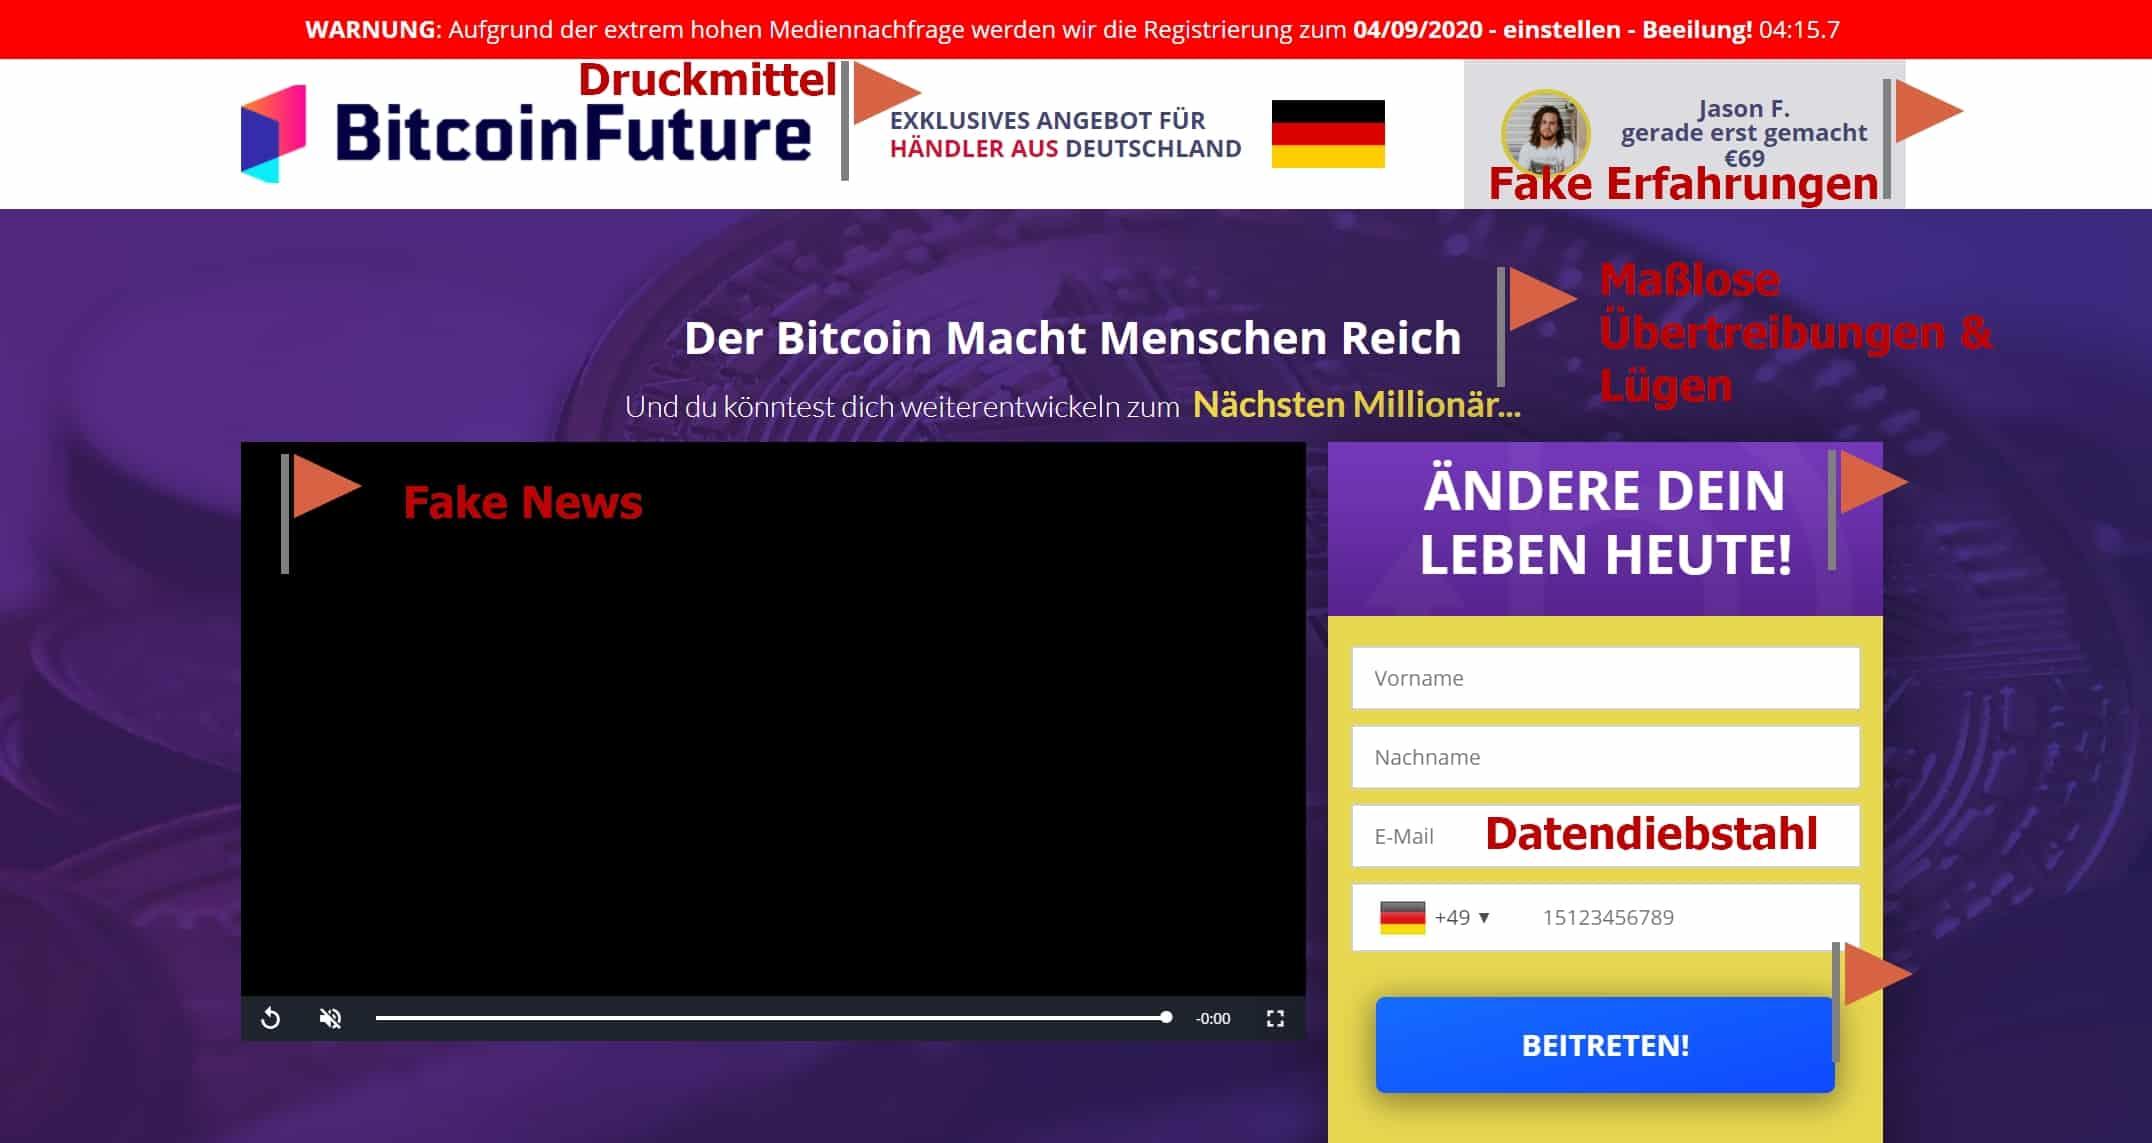 bitcoin trader jauch fake